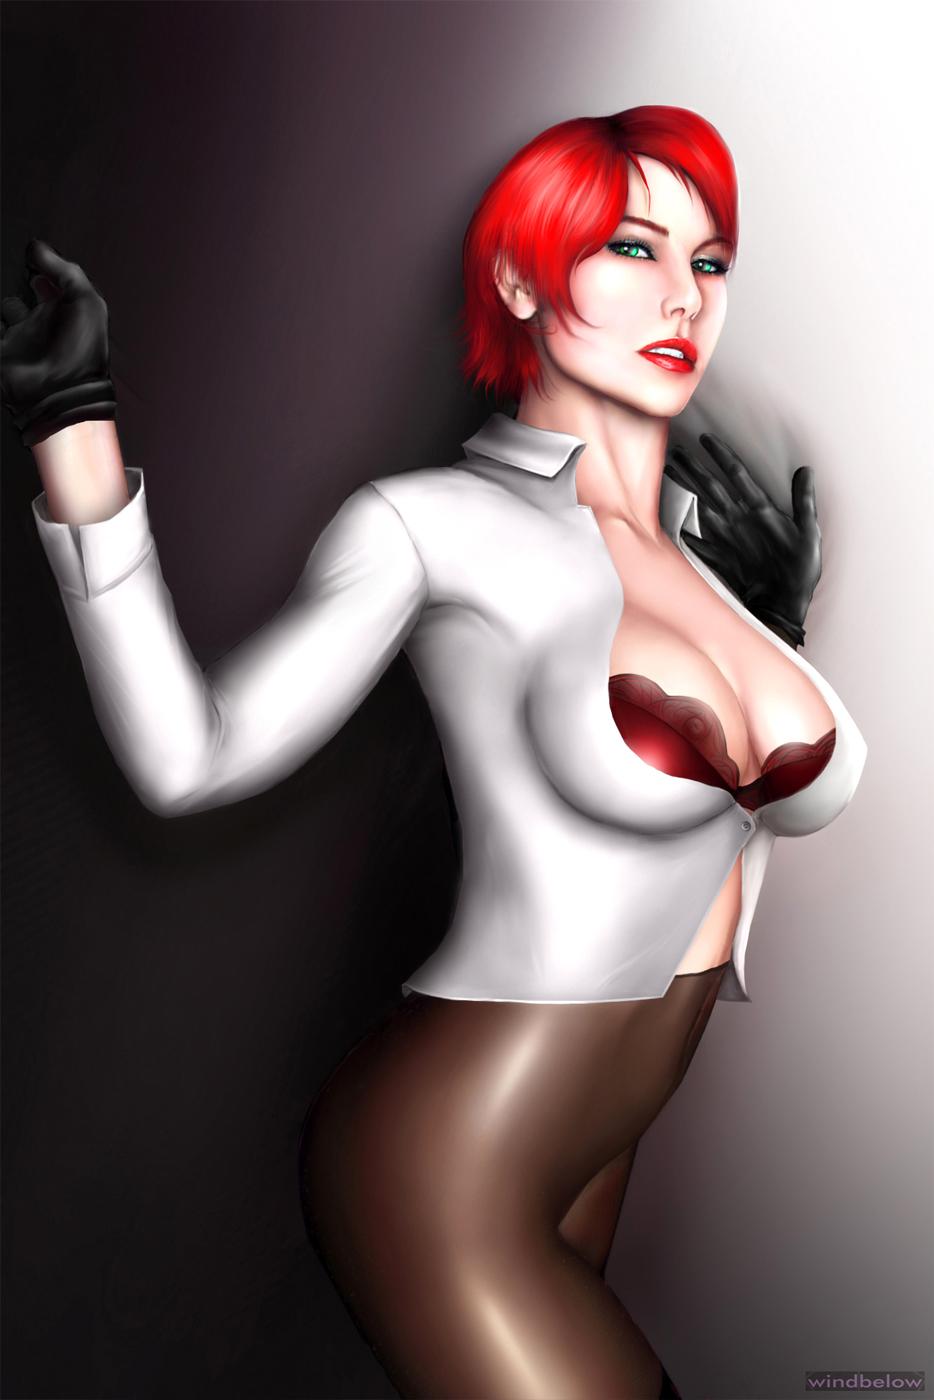 bra cleavage gloves king_of_fighters red_hair vanessa windbelow_(artist)